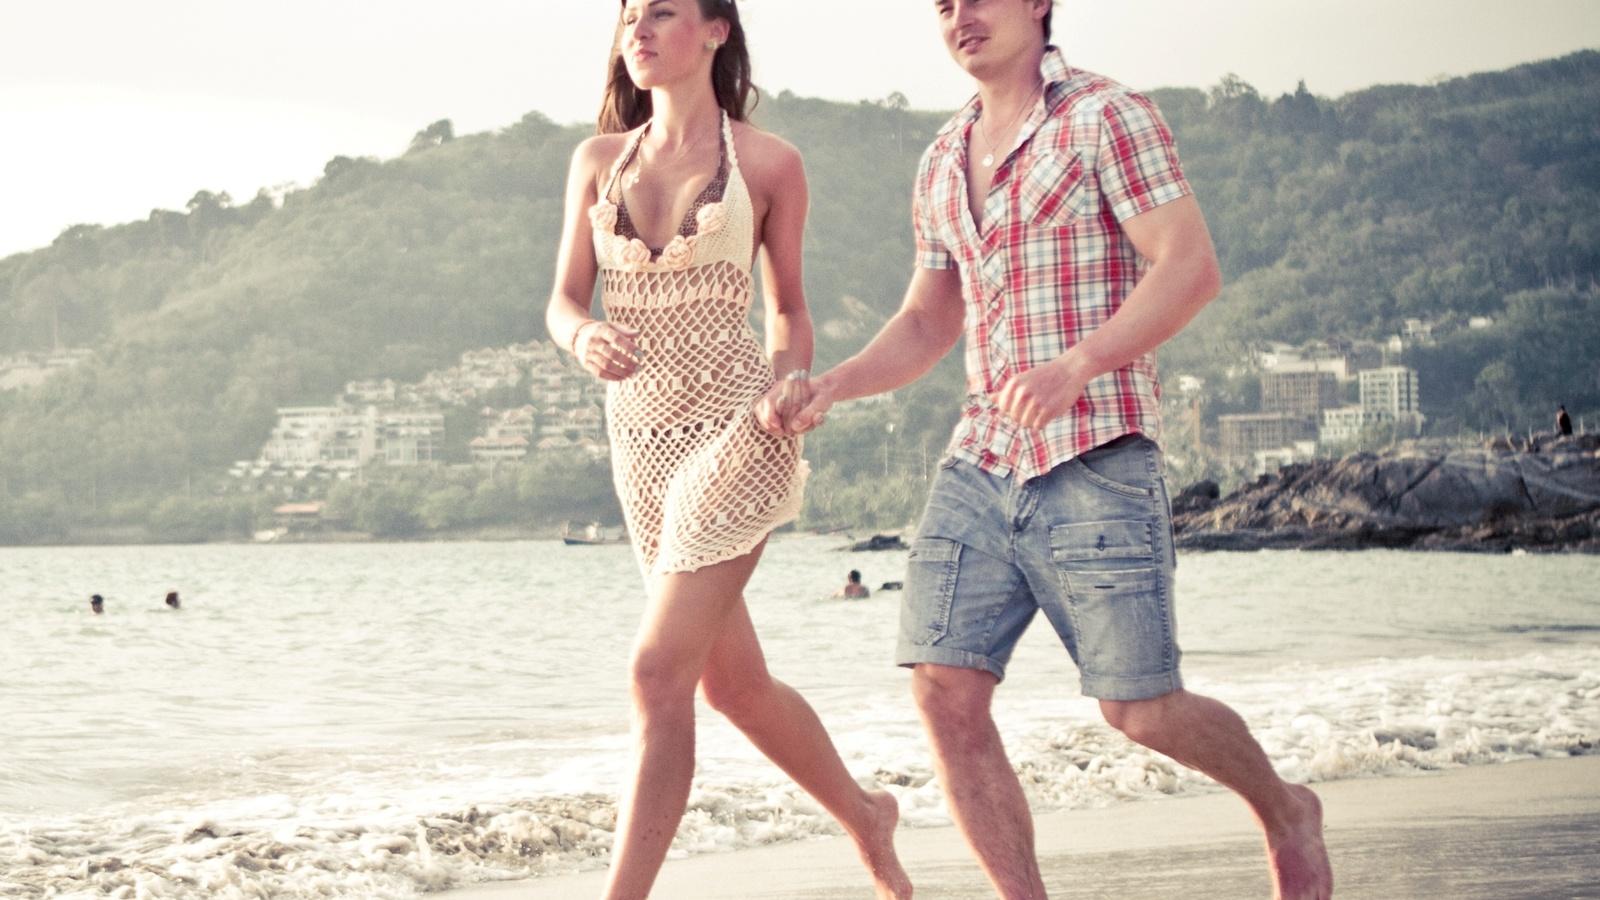 сей картинка пара в футболках на побережье тебя очень сильно